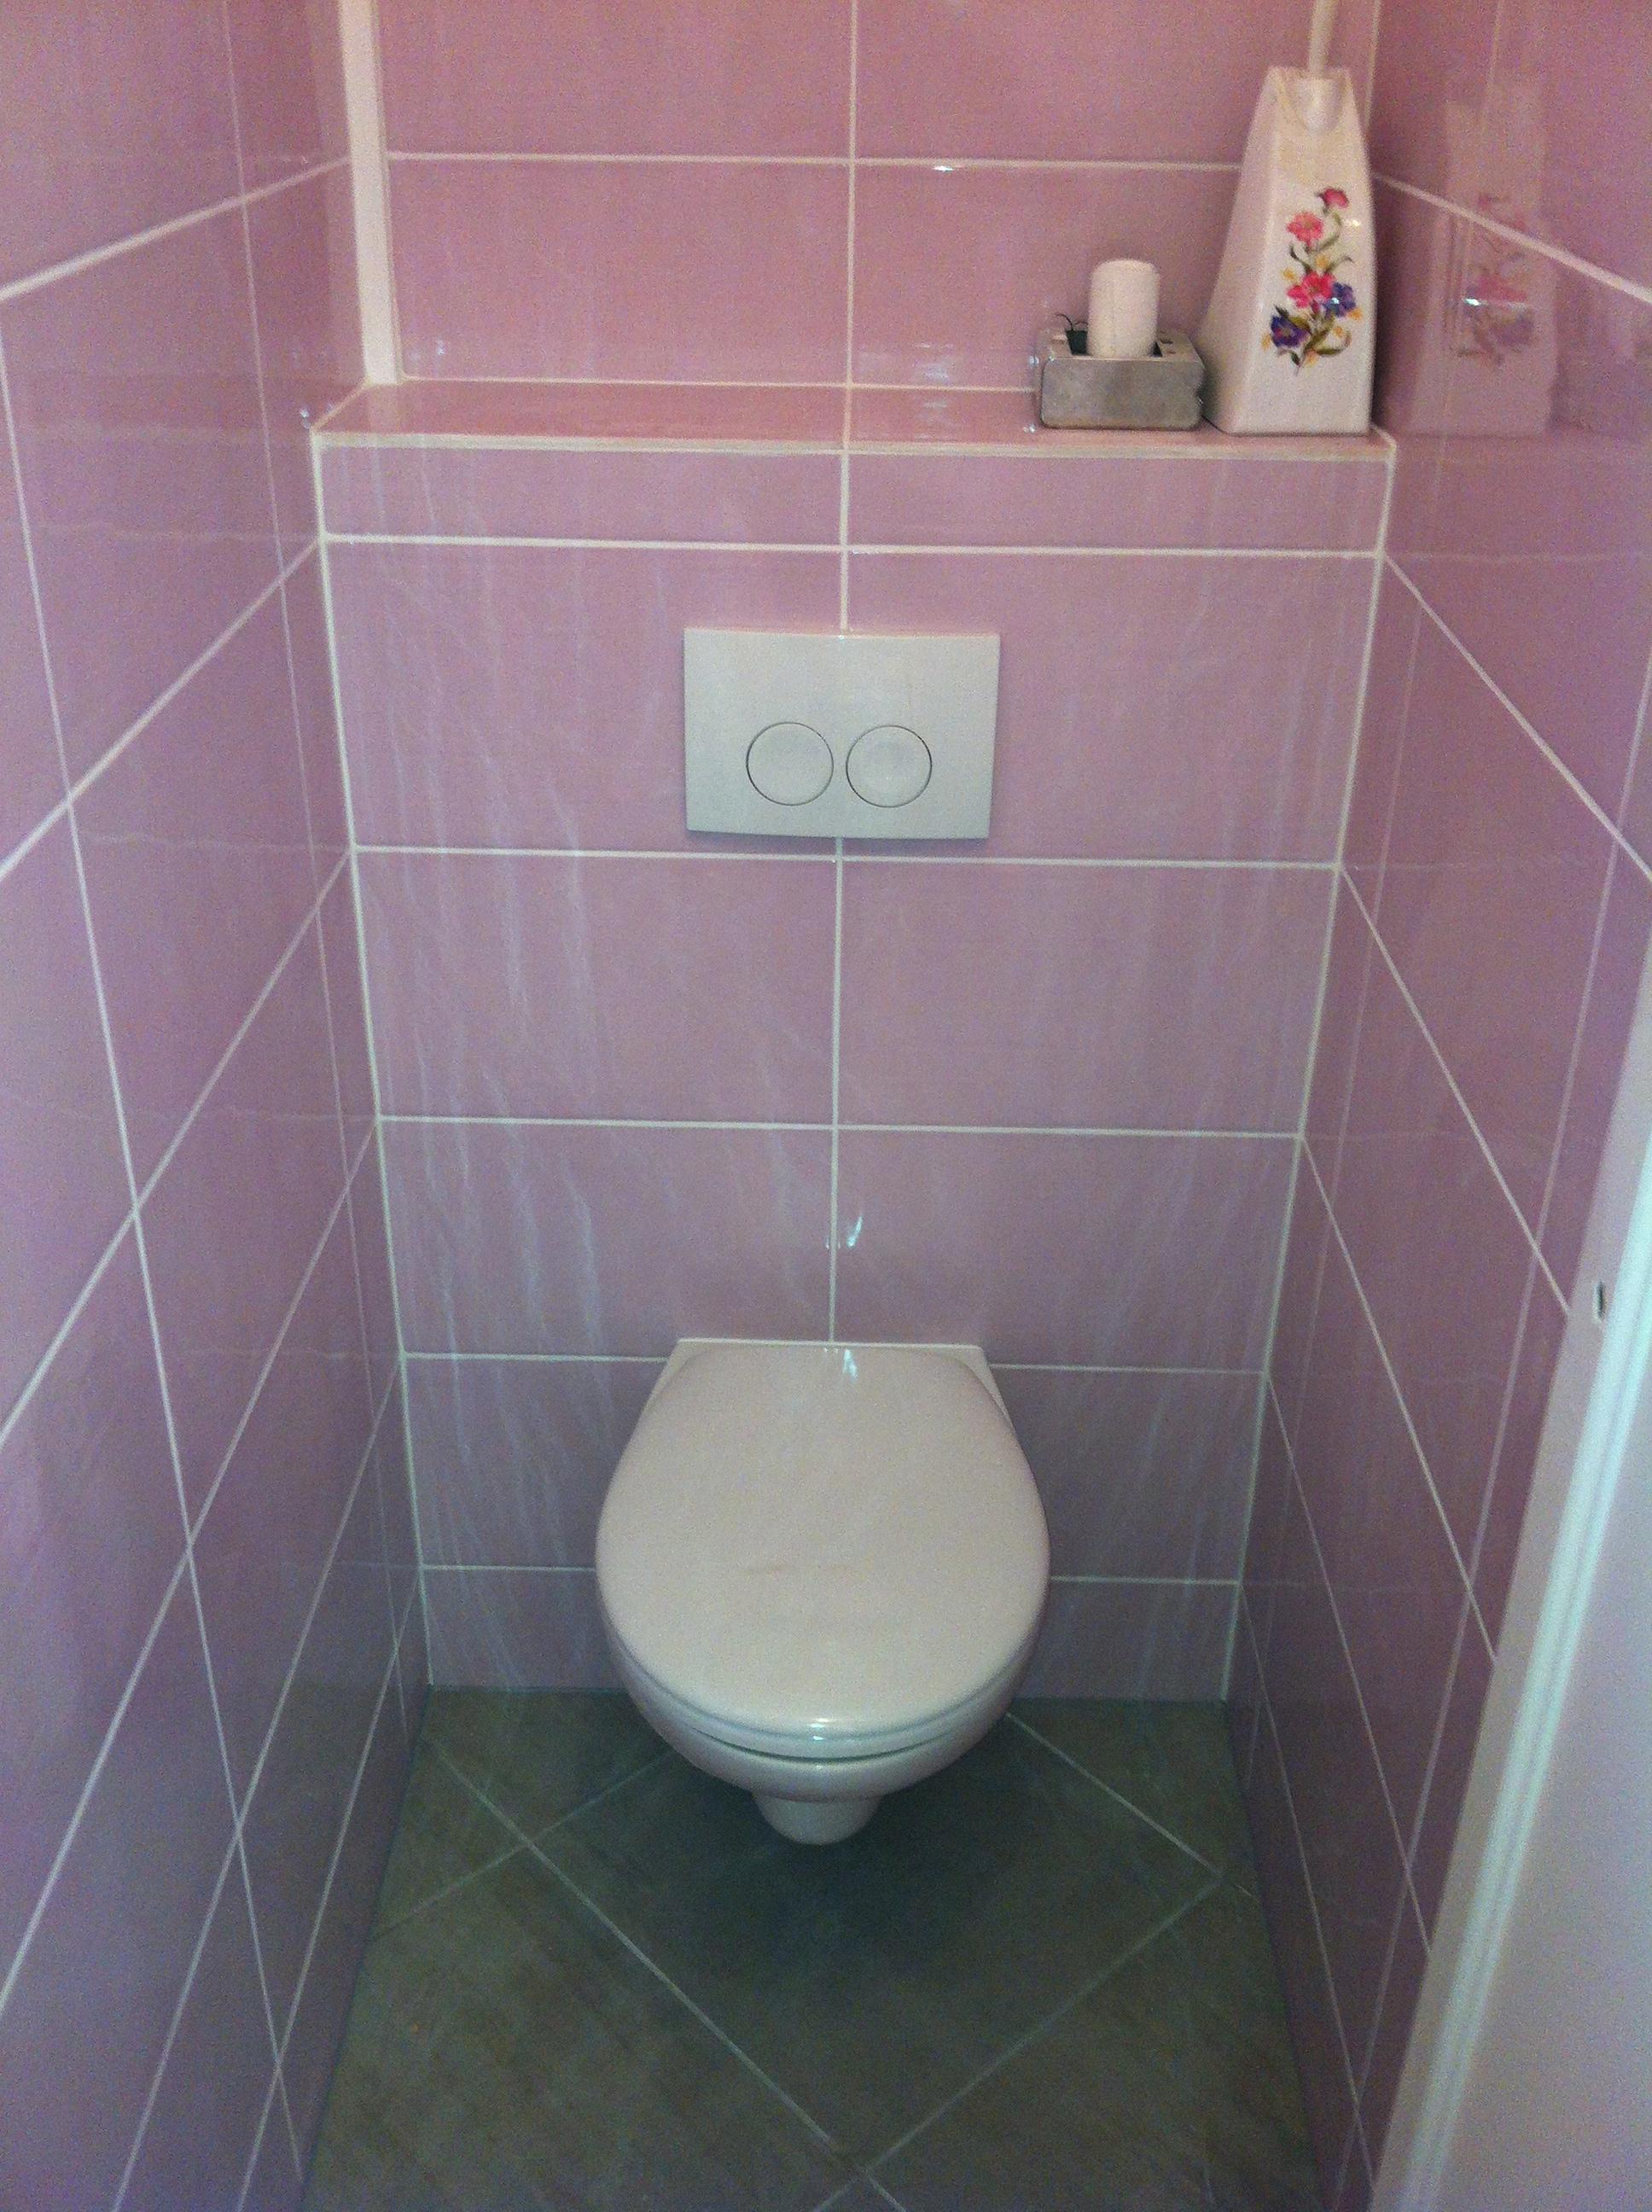 pose de wc  Dream House